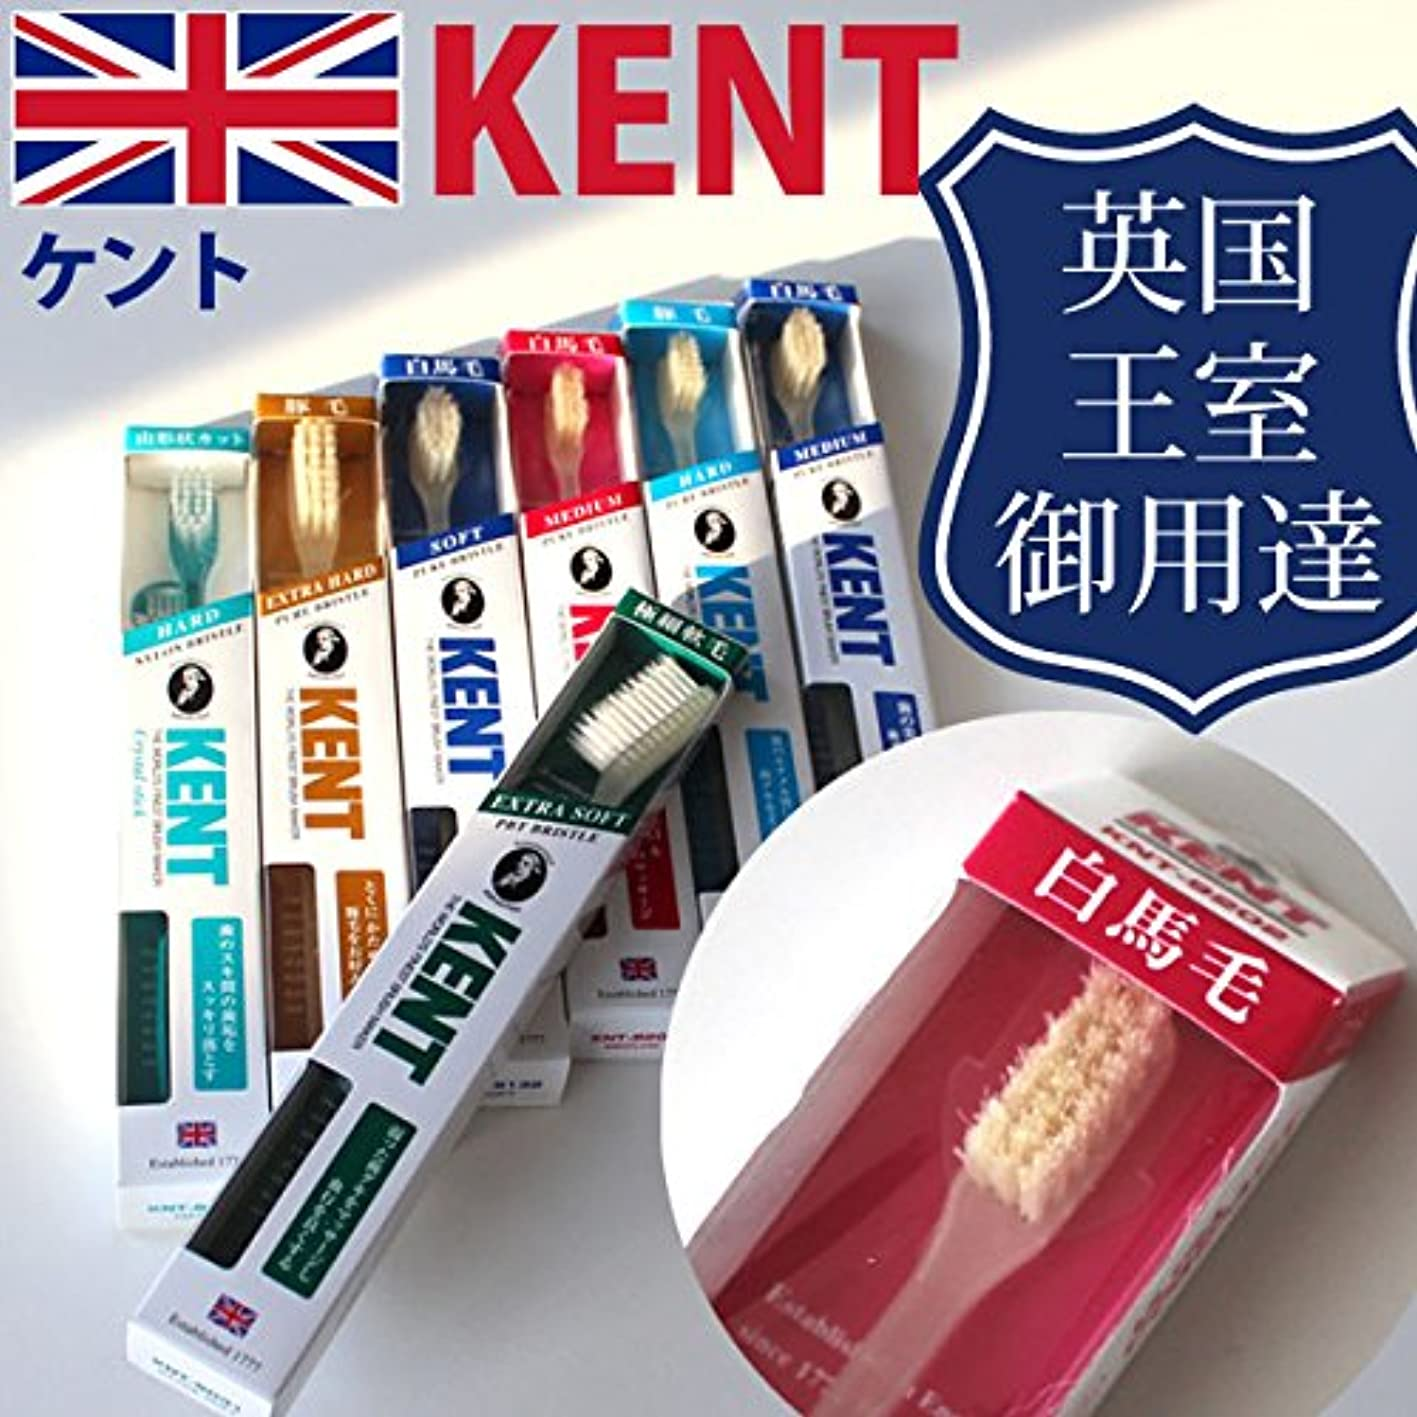 実験室語メロドラマケント KENT 白馬毛 超コンパクト歯ブラシ KNT-9102/9202 6本入り 他のコンパクトヘッドに比べて歯 やわらかめ